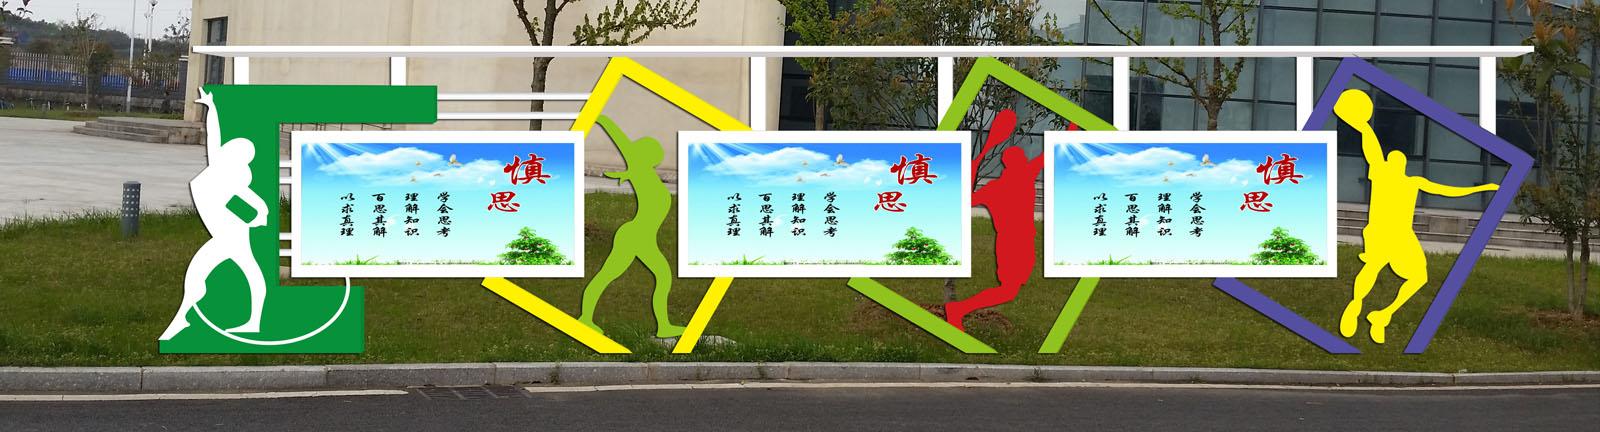 湘潭公交候车亭